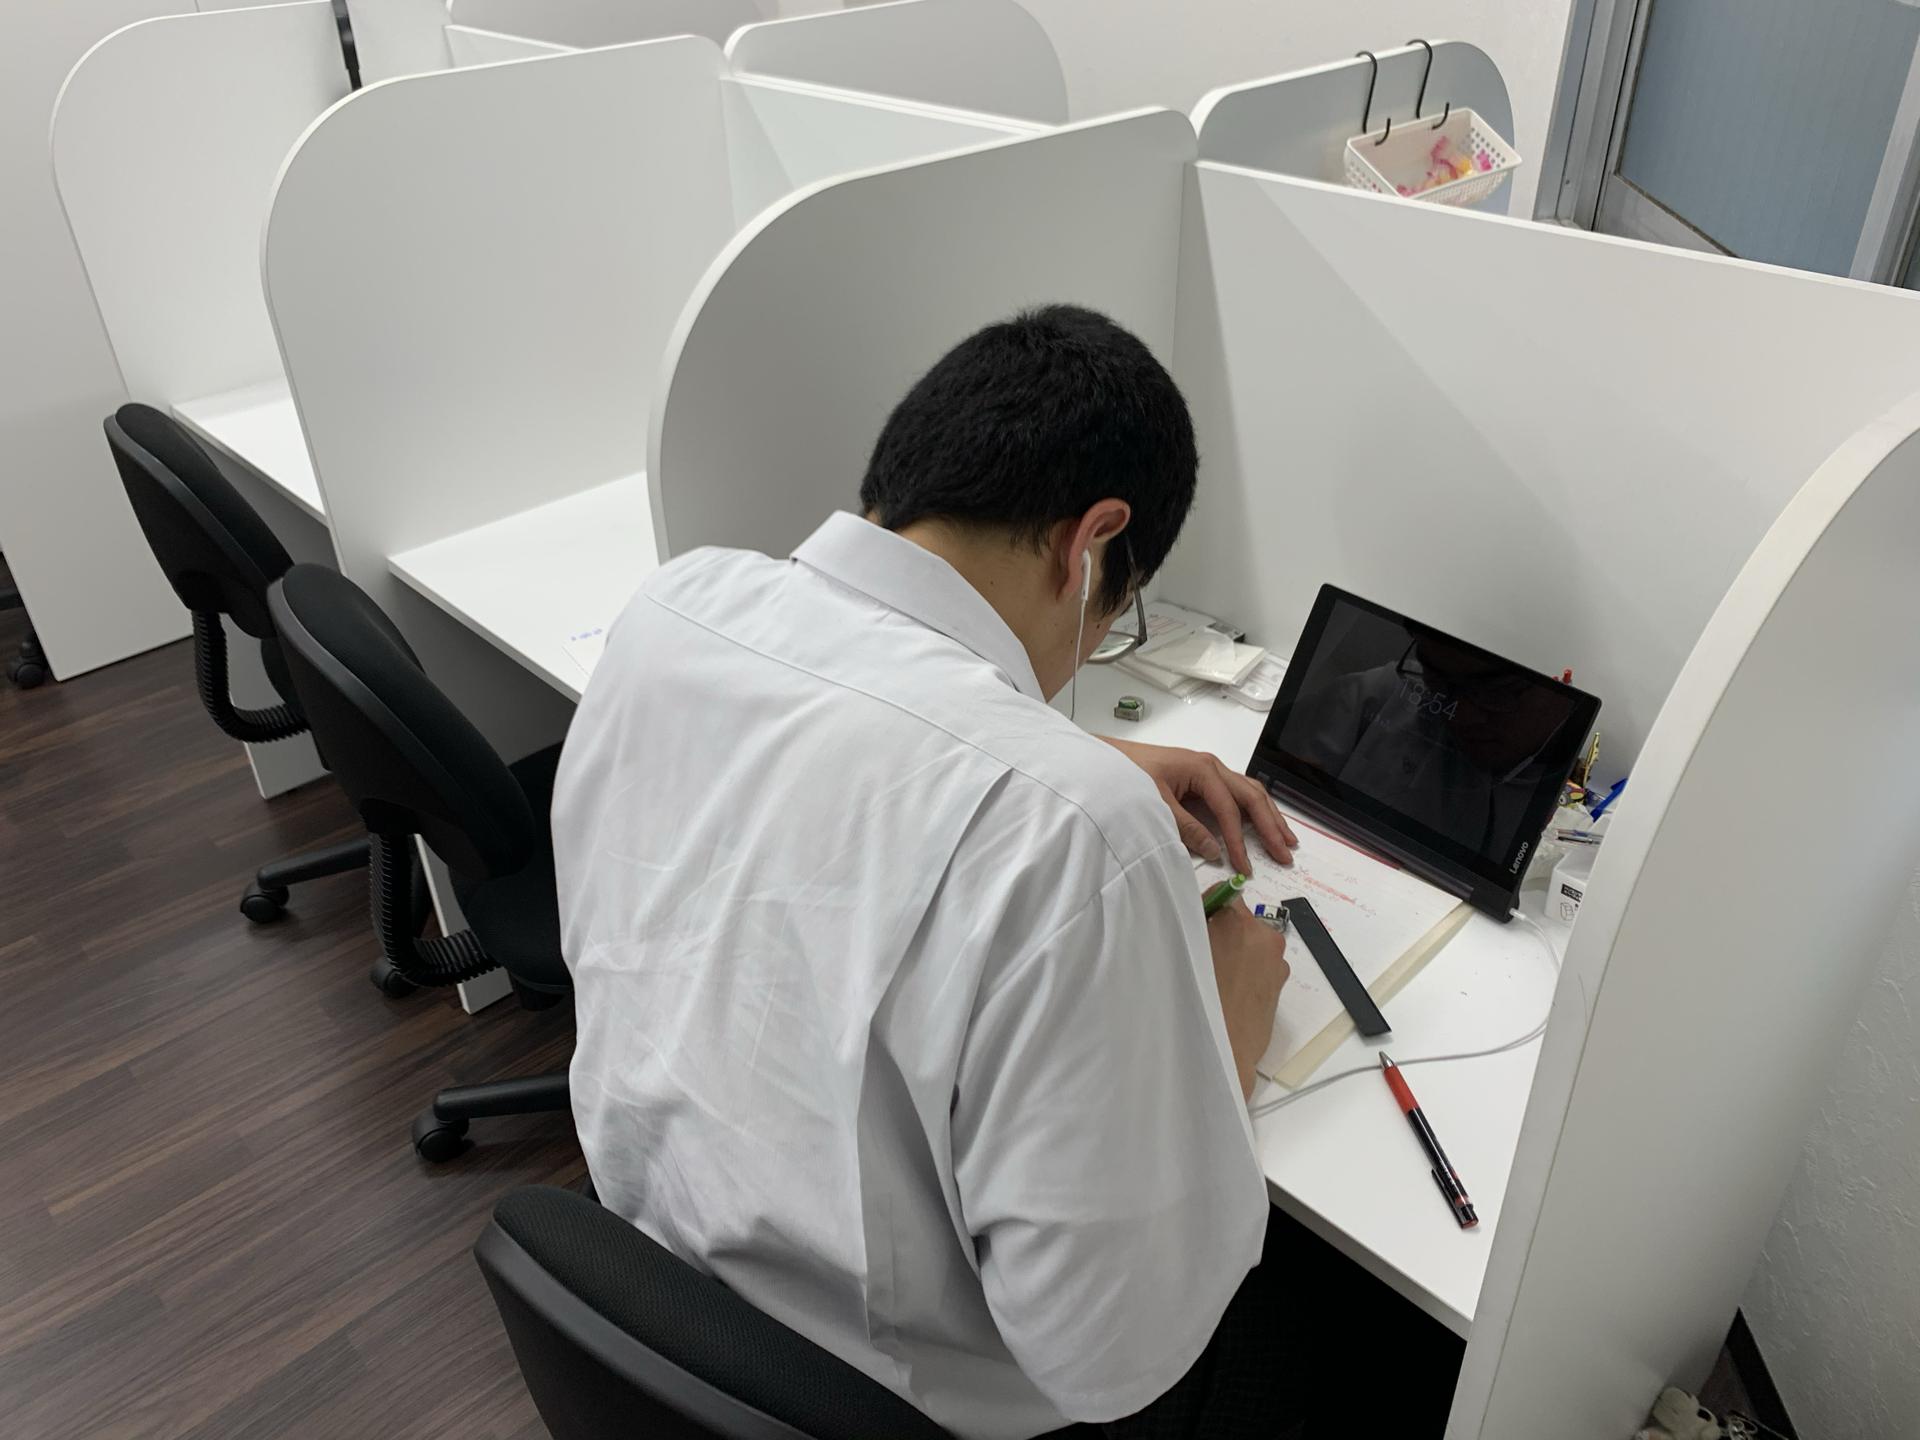 個別指導のグランアシスト福山駅前教室の自習室です